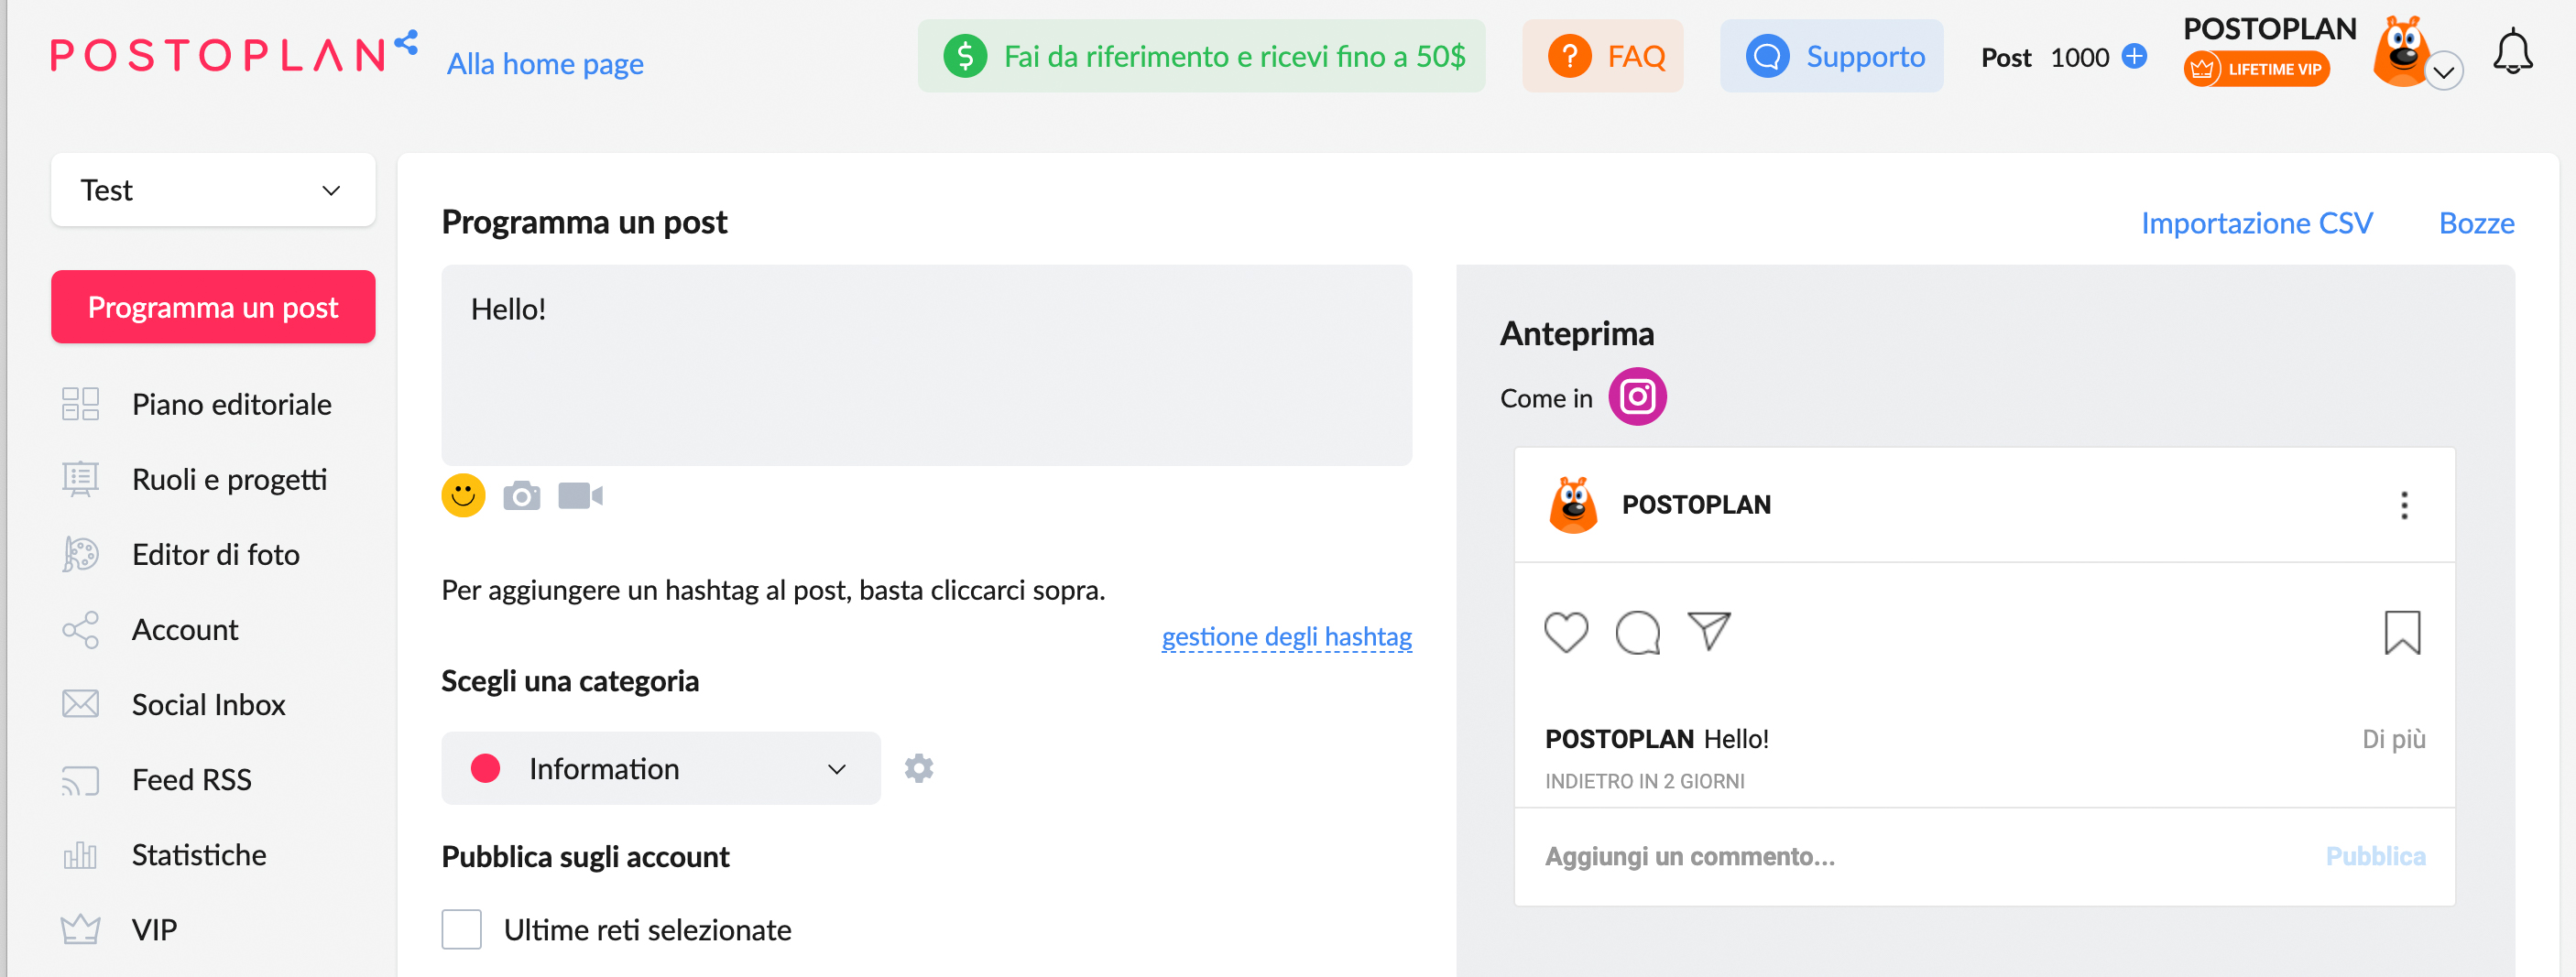 Come automatizzare la pubblicazione sui social - immagine 1